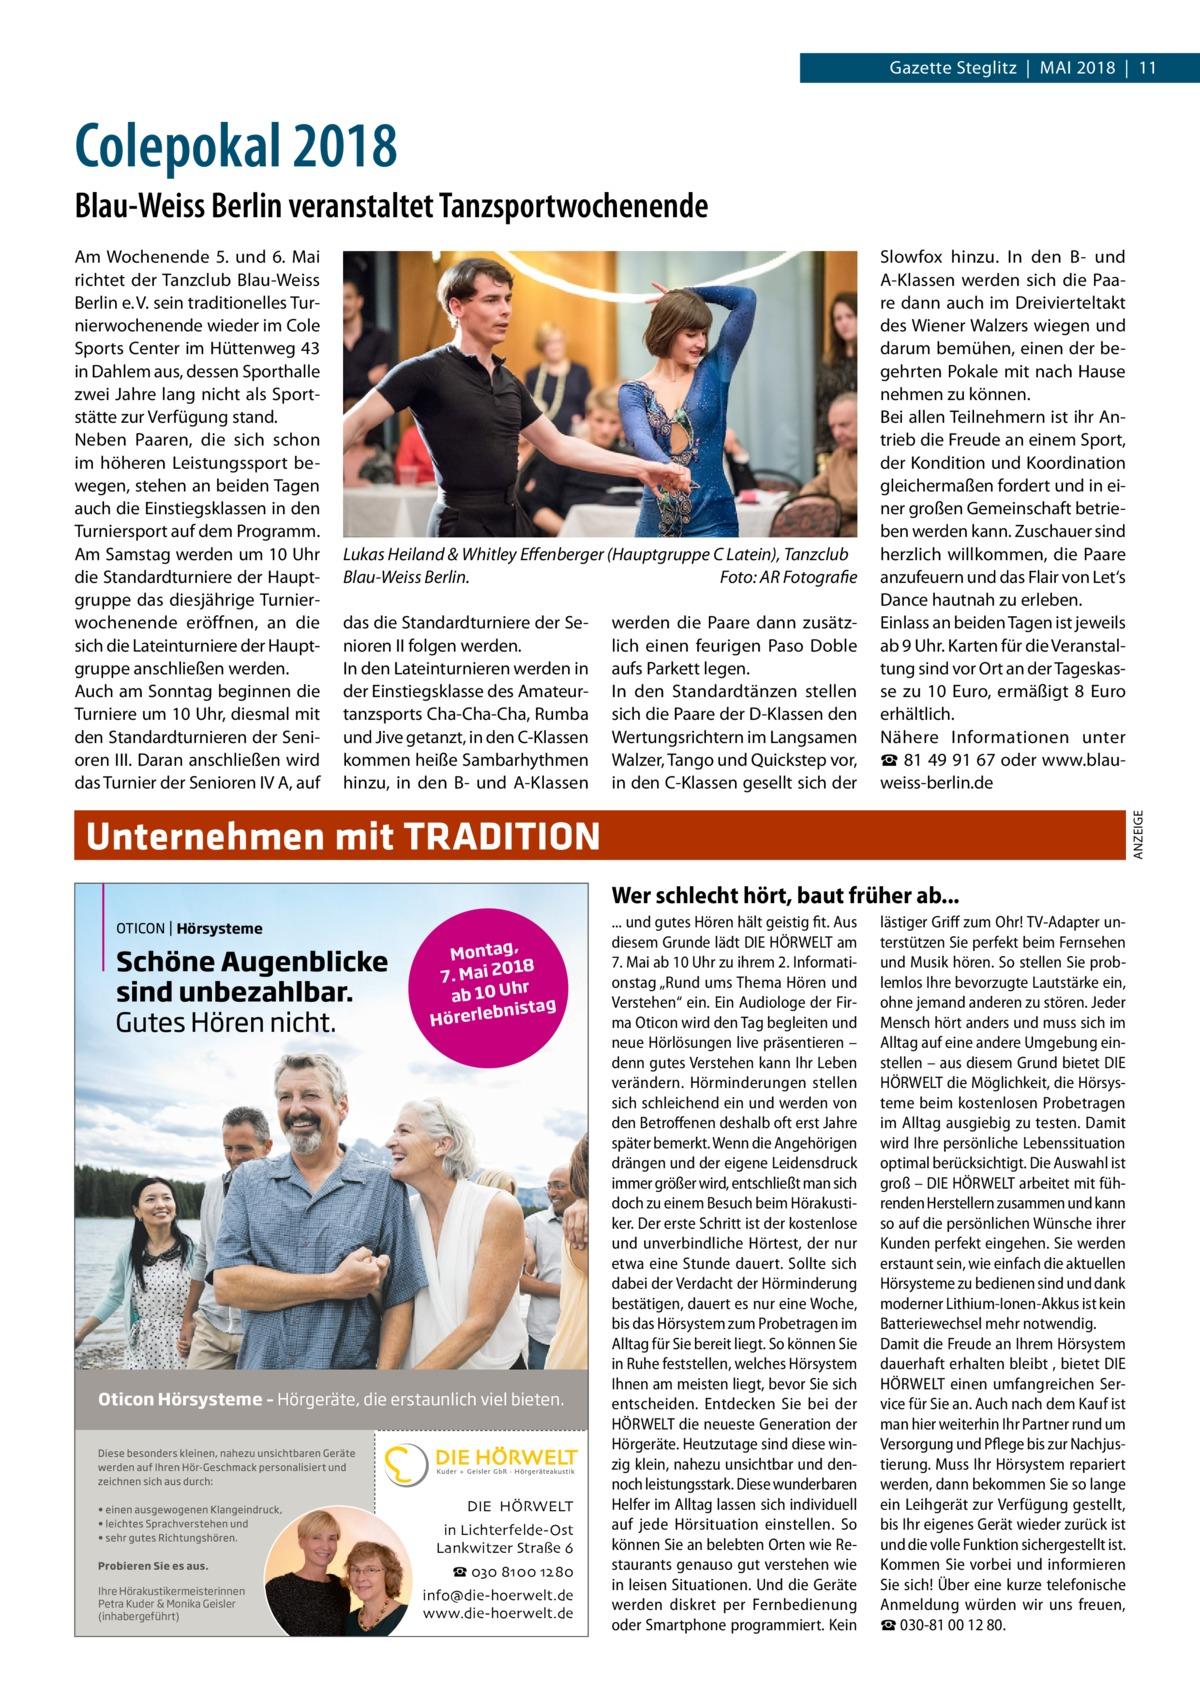 Gazette Steglitz|Mai 2018|11  Colepokal 2018 Blau-Weiss Berlin veranstaltet Tanzsportwochenende  Lukas Heiland & Whitley Effenberger (HauptgruppeC Latein), Tanzclub Blau-Weiss Berlin.� Foto: AR Fotografie das die Standardturniere der Senioren II folgen werden. In den Lateinturnieren werden in der Einstiegsklasse des Amateurtanzsports Cha-Cha-Cha, Rumba und Jive getanzt, in den C-Klassen kommen heiße Sambarhythmen hinzu, in den B- und A-Klassen  werden die Paare dann zusätzlich einen feurigen Paso Doble aufs Parkett legen. In den Standardtänzen stellen sich die Paare der D-Klassen den Wertungsrichtern im Langsamen Walzer, Tango und Quickstep vor, in den C-Klassen gesellt sich der  Slowfox hinzu. In den B- und A-Klassen werden sich die Paare dann auch im Dreivierteltakt des Wiener Walzers wiegen und darum bemühen, einen der begehrten Pokale mit nach Hause nehmen zu können. Bei allen Teilnehmern ist ihr Antrieb die Freude an einem Sport, der Kondition und Koordination gleichermaßen fordert und in einer großen Gemeinschaft betrieben werden kann. Zuschauer sind herzlich willkommen, die Paare anzufeuern und das Flair von Let's Dance hautnah zu erleben. Einlass an beiden Tagen ist jeweils ab 9Uhr. Karten für die Veranstaltung sind vor Ort an der Tageskasse zu 10 Euro, ermäßigt 8 Euro erhältlich. Nähere Informationen unter ☎81499167 oder www.blauweiss-berlin.de ANZEIGE  Am Wochenende 5. und 6. Mai richtet der Tanzclub Blau-Weiss Berlin e.V. sein traditionelles Turnierwochenende wieder im Cole Sports Center im Hüttenweg43 in Dahlem aus, dessen Sporthalle zwei Jahre lang nicht als Sportstätte zur Verfügung stand. Neben Paaren, die sich schon im höheren Leistungssport bewegen, stehen an beiden Tagen auch die Einstiegsklassen in den Turniersport auf dem Programm. Am Samstag werden um 10Uhr die Standardturniere der Hauptgruppe das diesjährige Turnierwochenende eröffnen, an die sich die Lateinturniere der Hauptgruppe anschließen werden. Auch am Sonntag beginnen die Turniere um 10